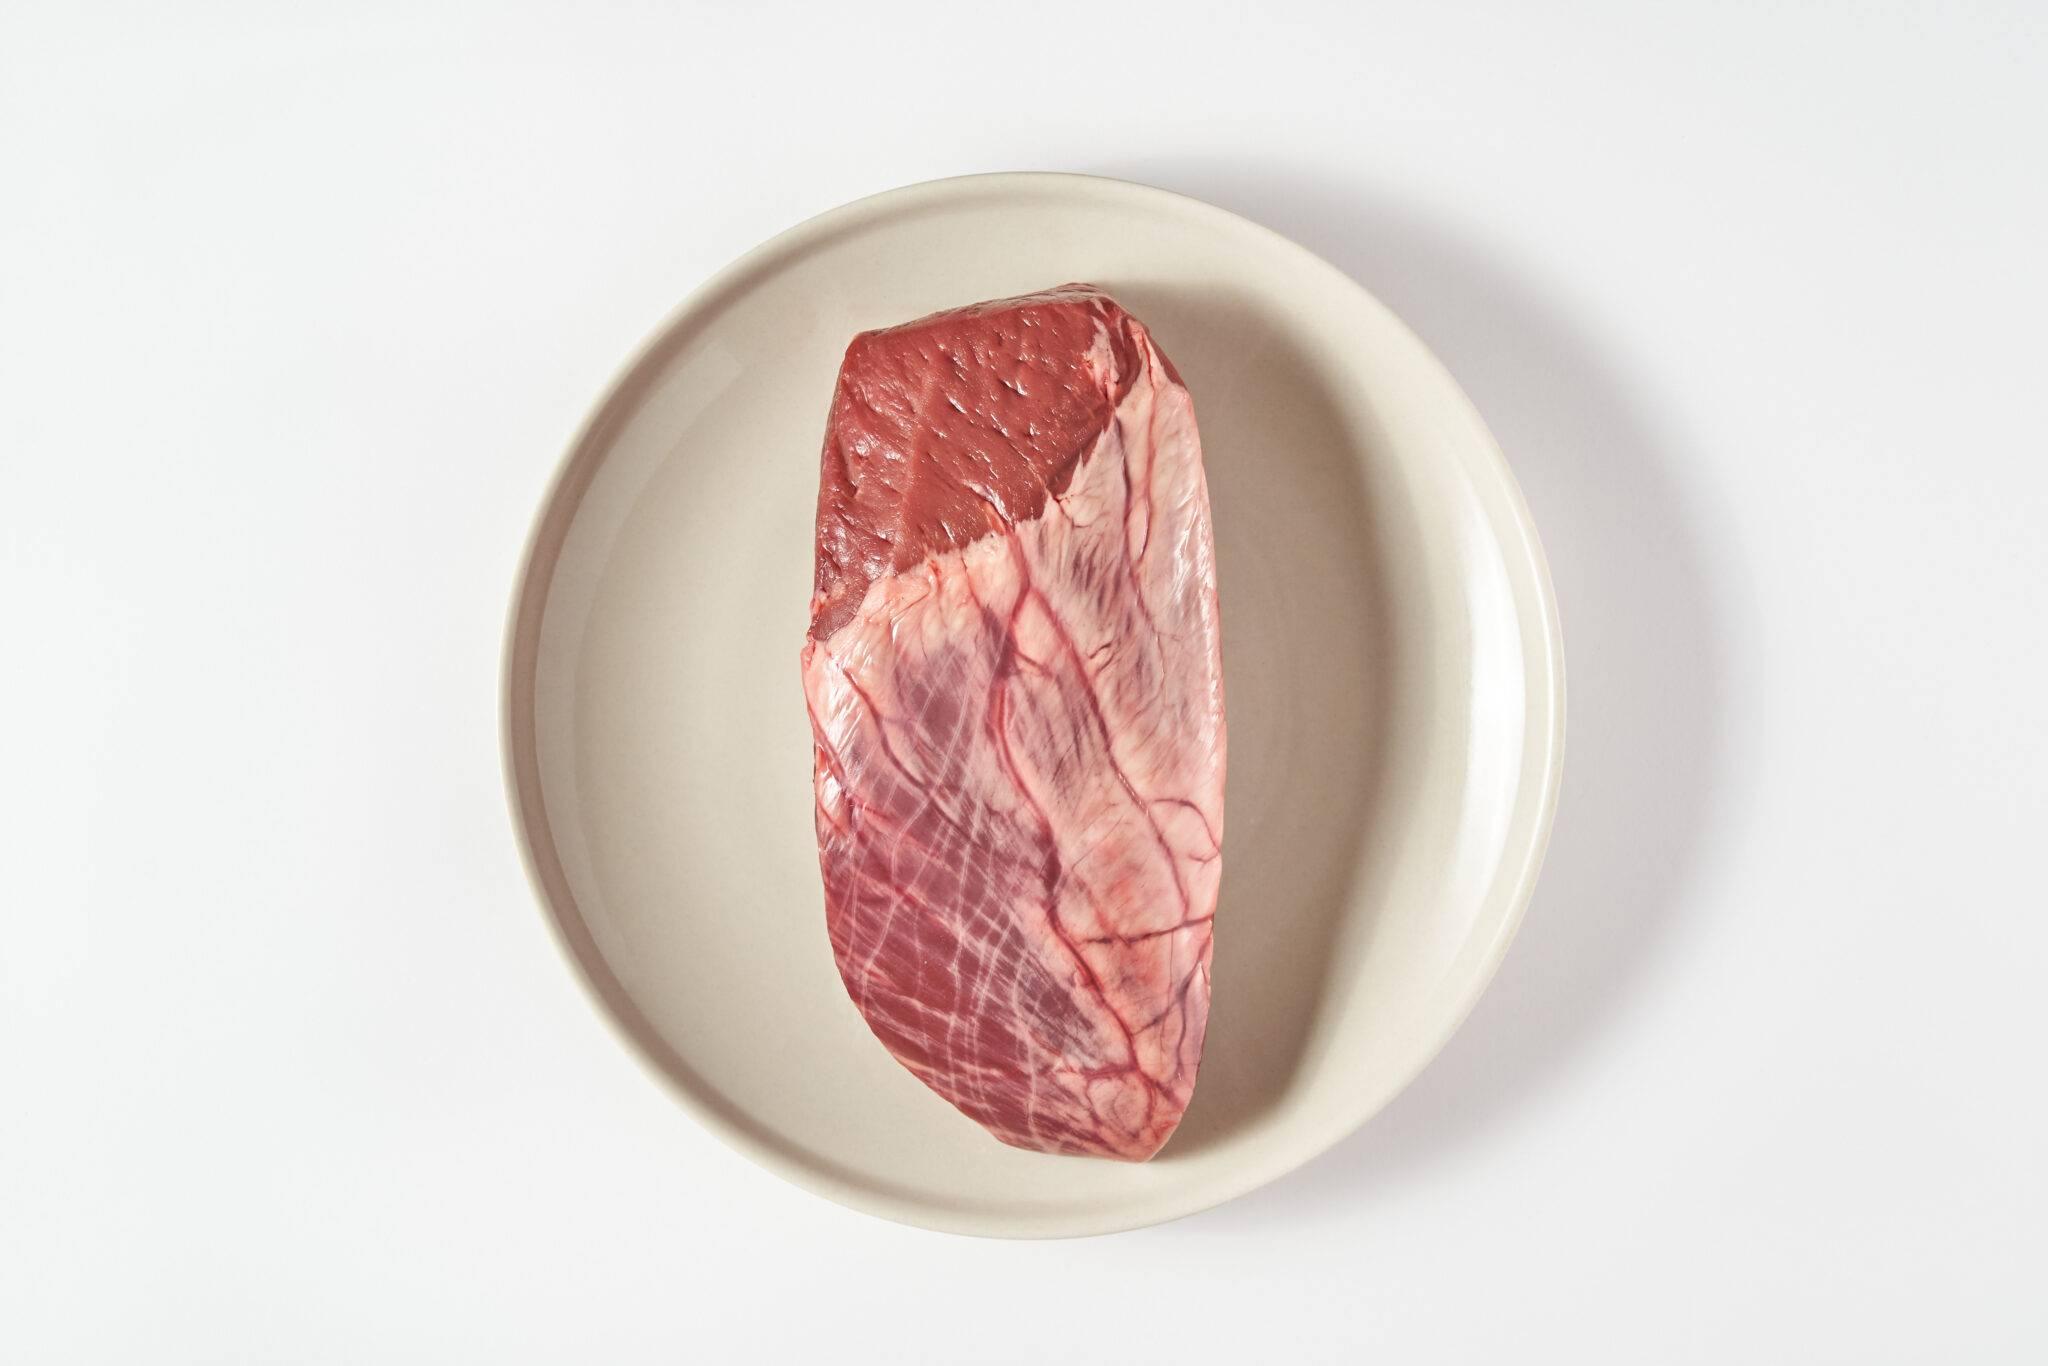 Vleesch & Co Runderhart